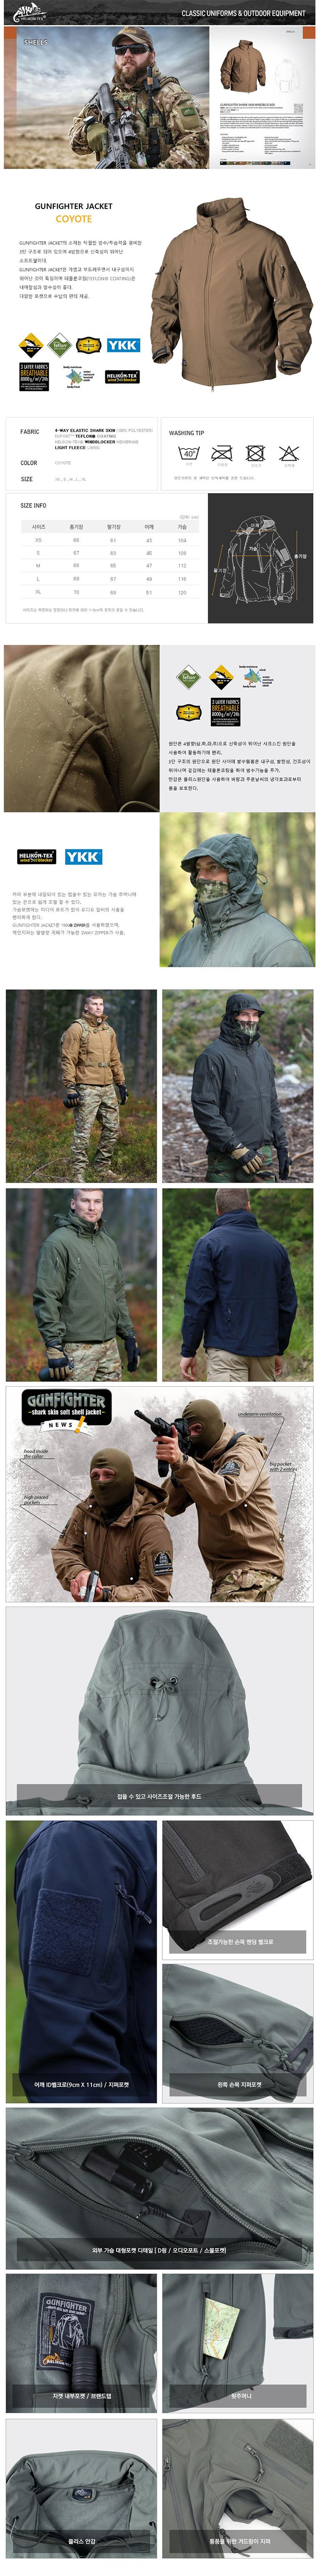 helikon_tex_gunfighter_jacket_coyote.JPG